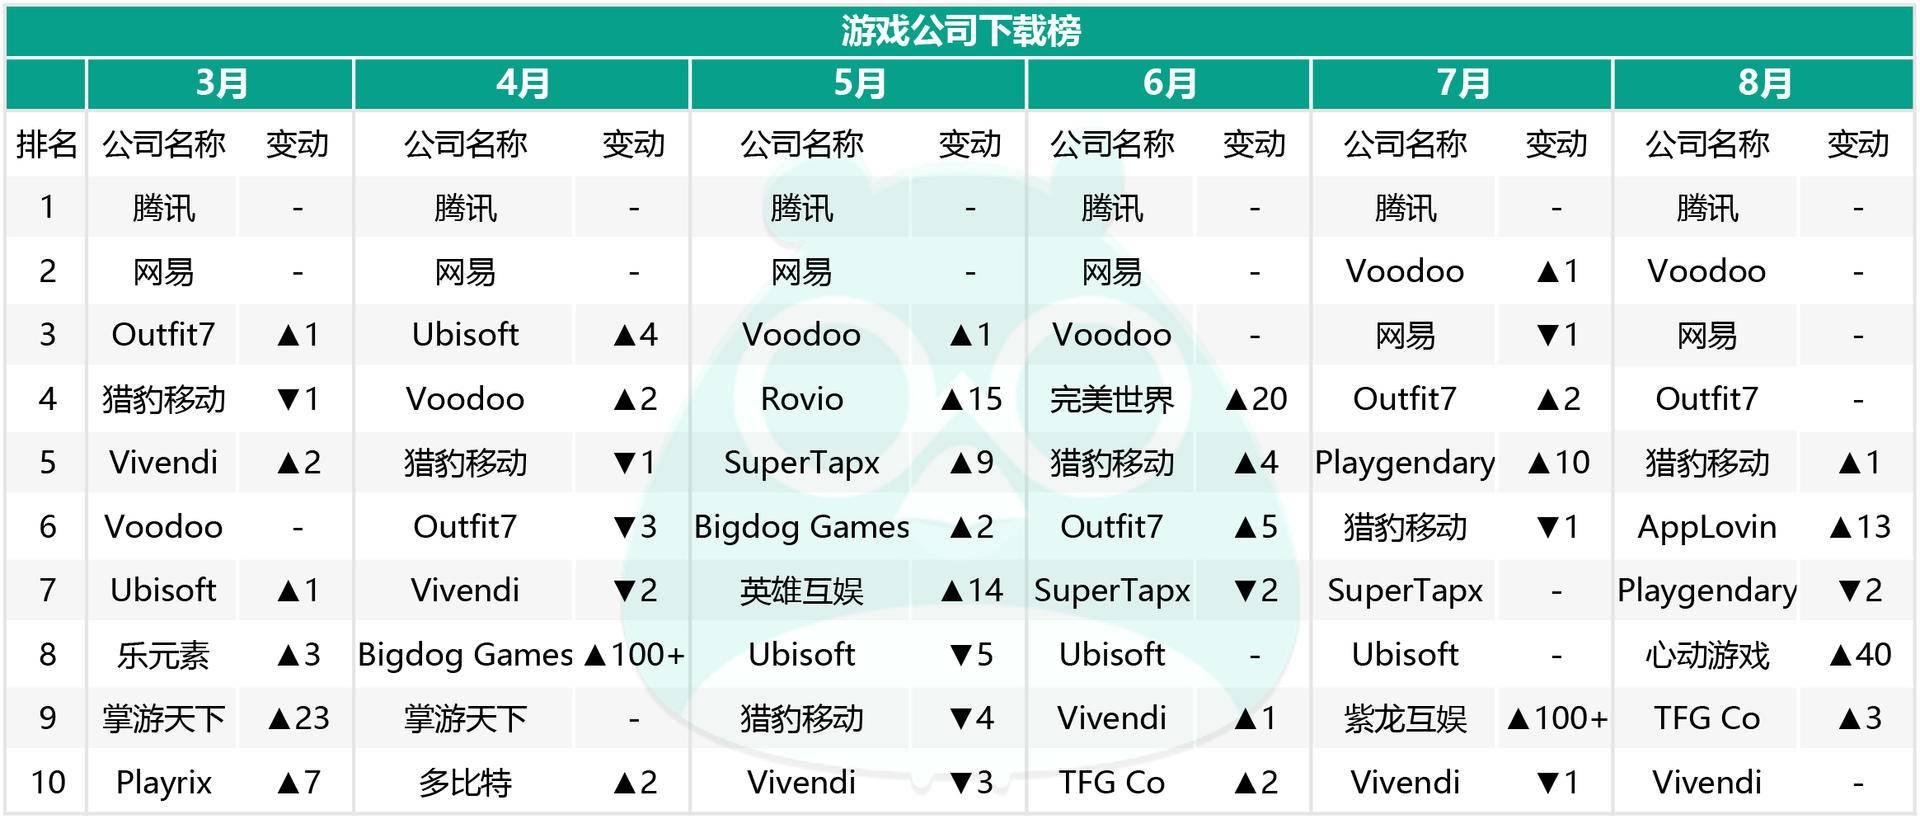 """游戏公司下载榜:超过70%都是""""老面孔"""",海外厂商势力强大"""